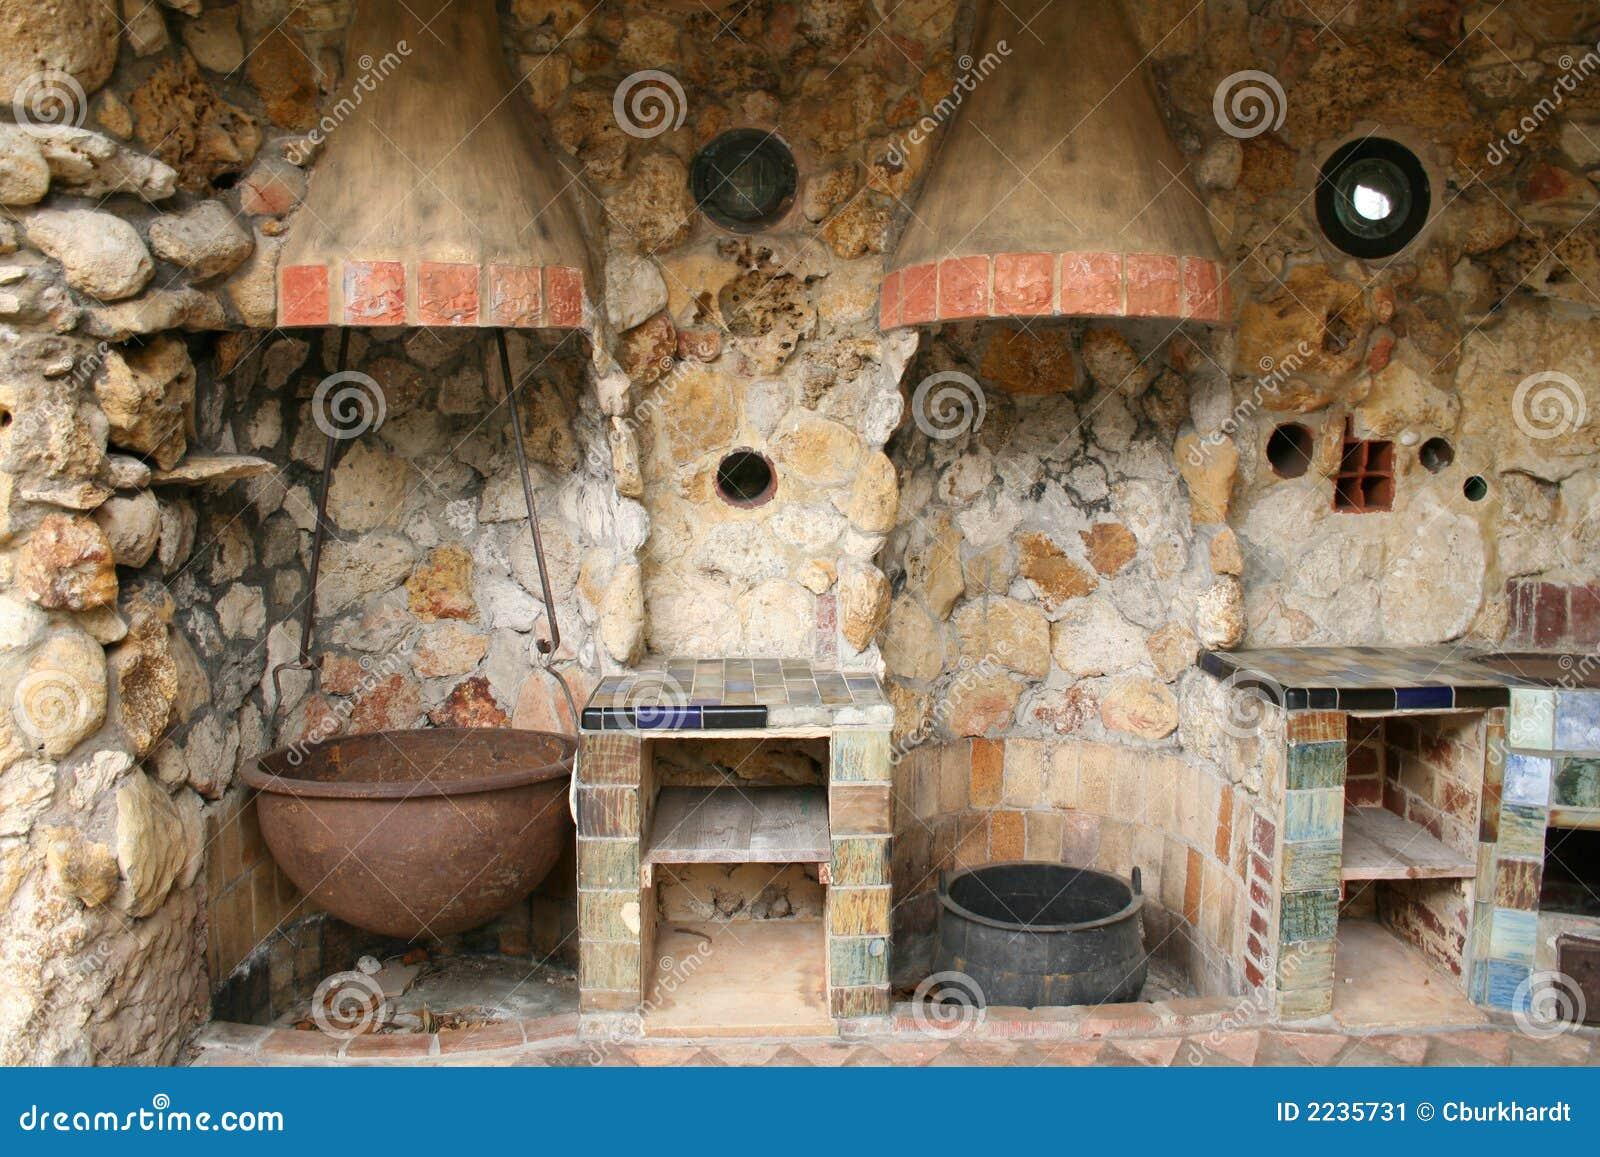 Cuisine Exterieure En Pierre vieille cuisine extérieure rustique image stock - image du